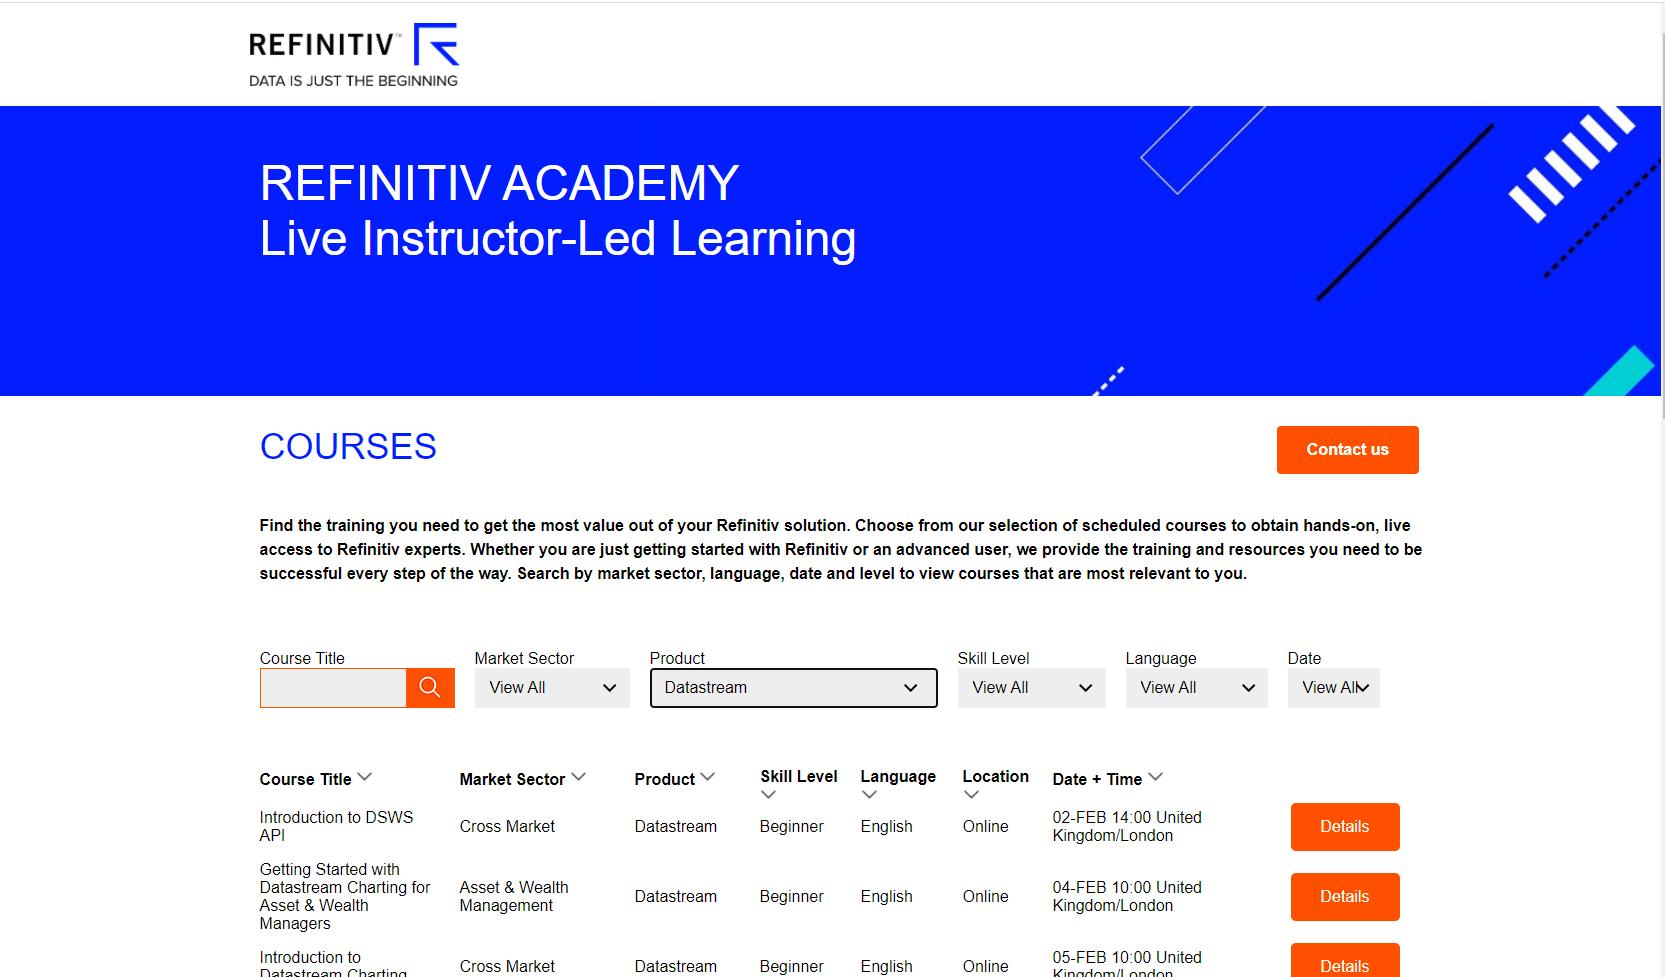 Refinitiv Academy